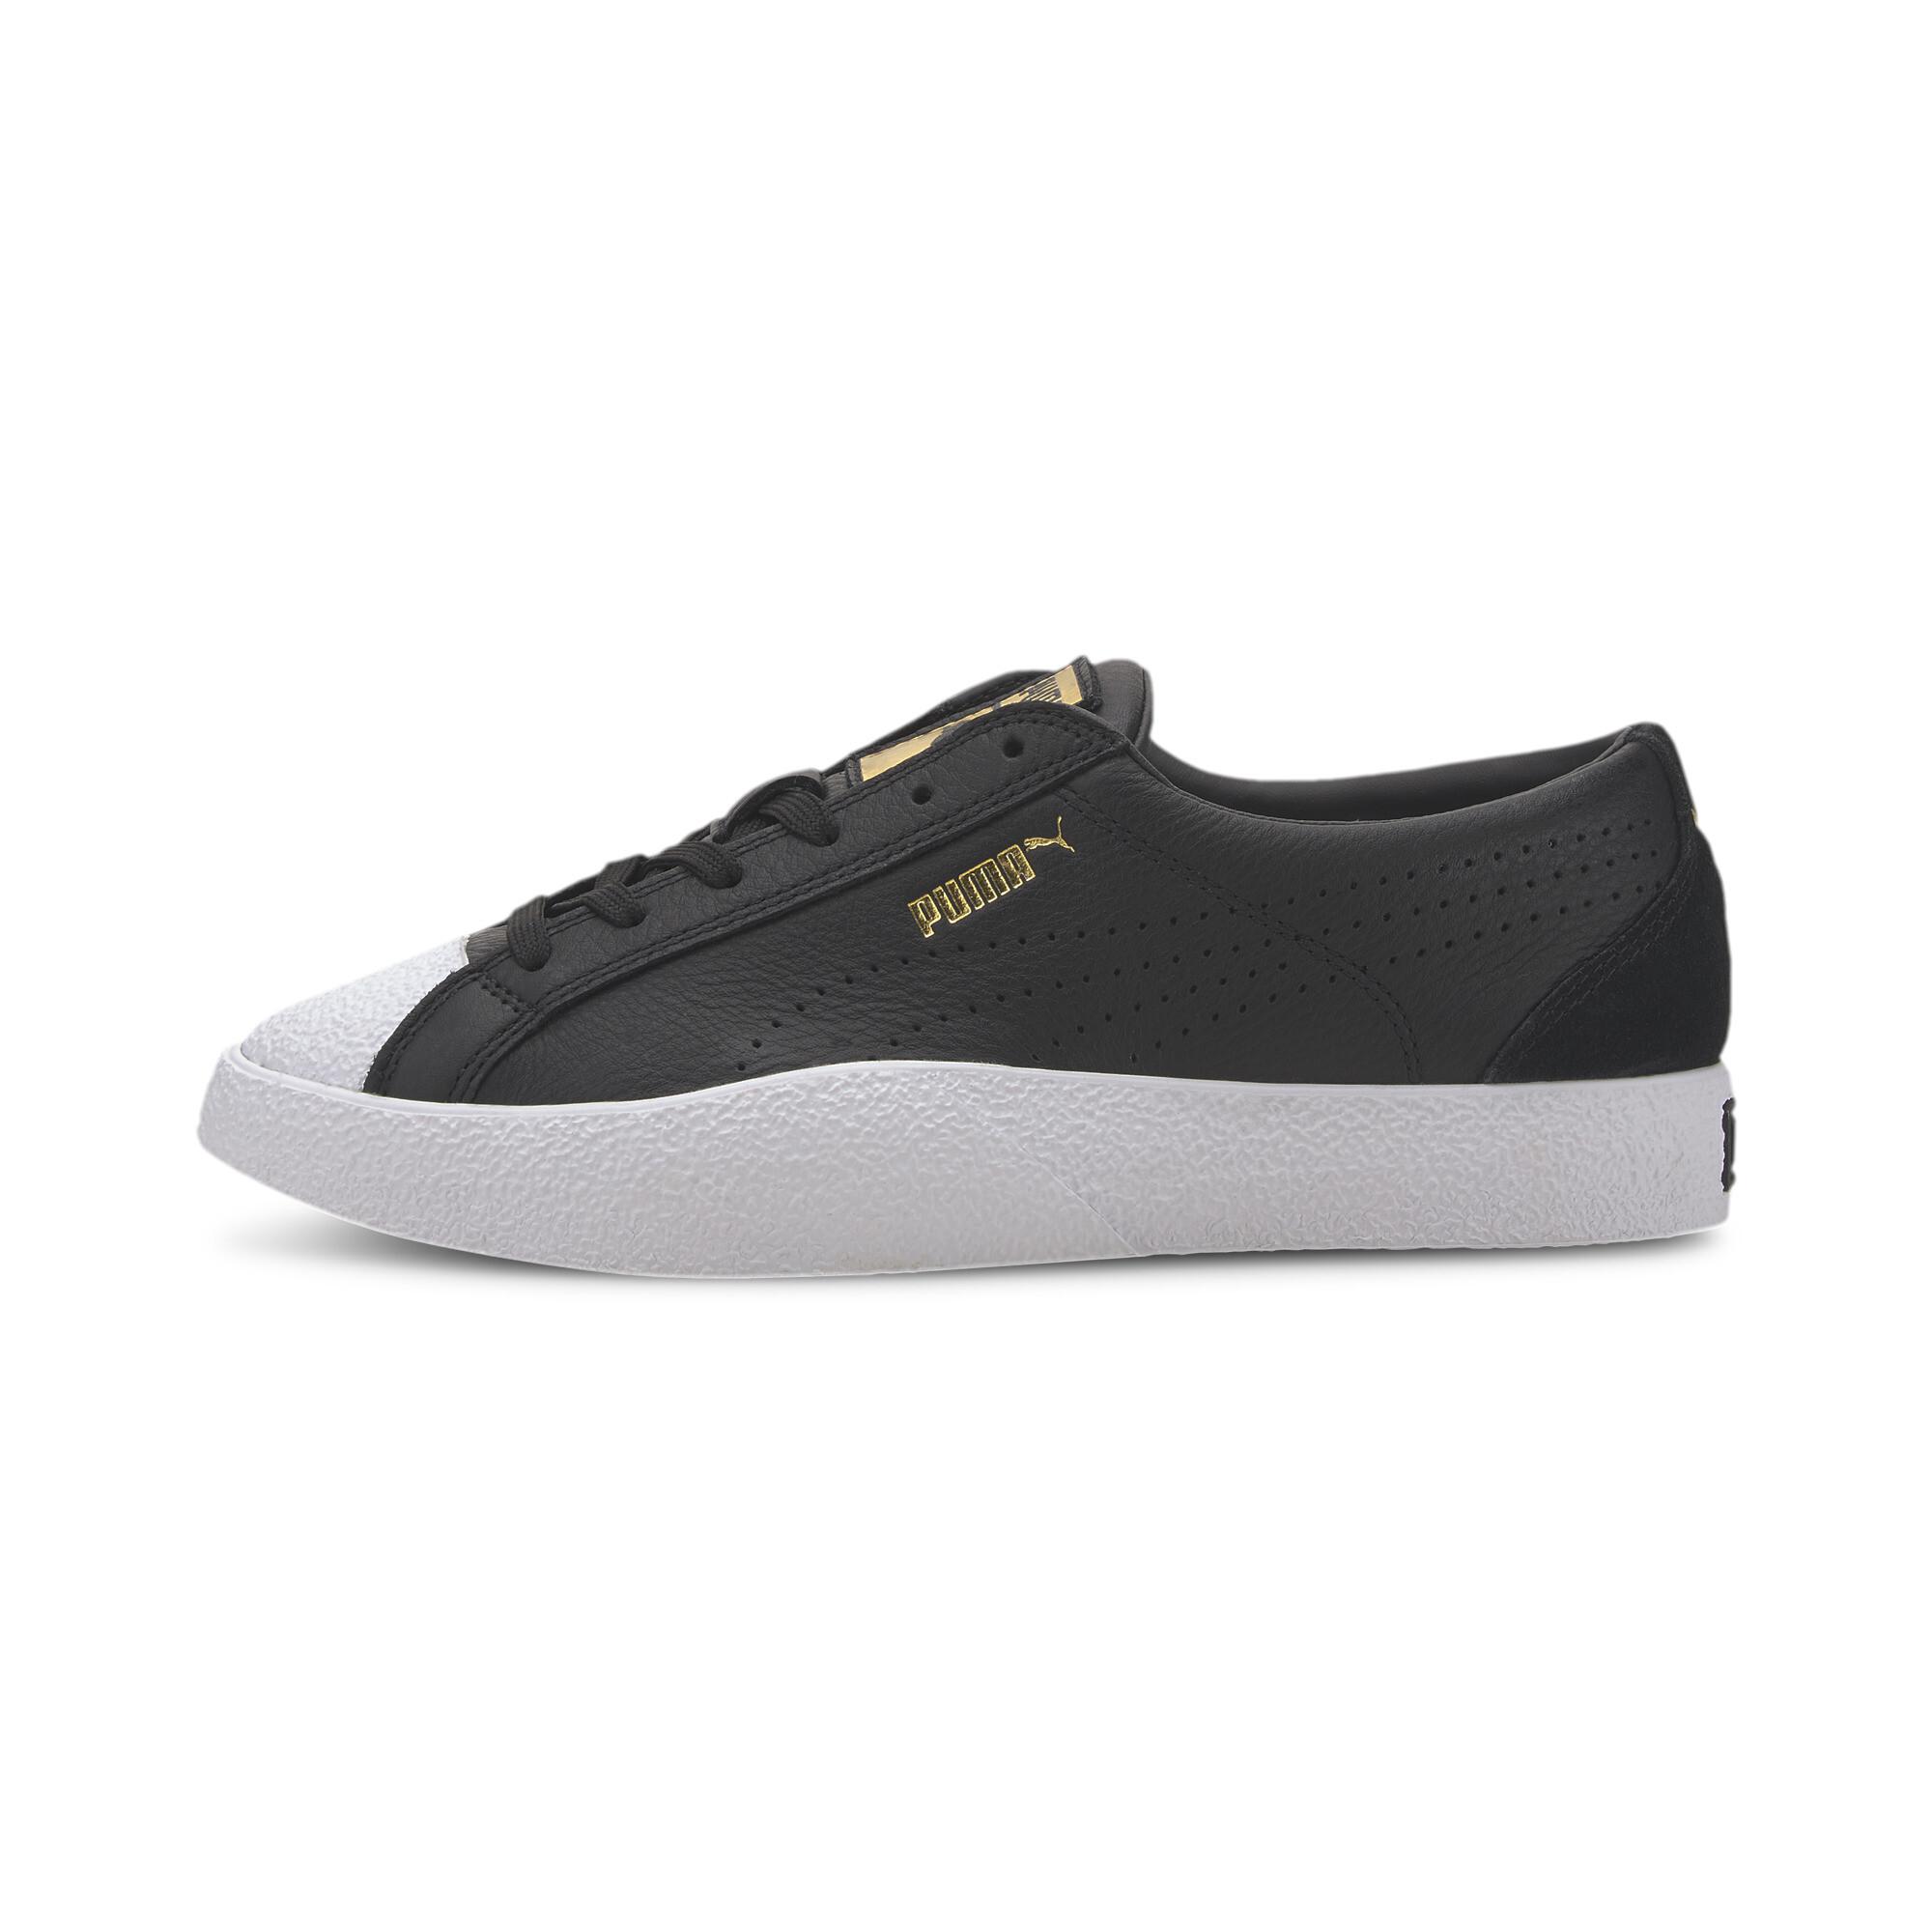 PUMA-Women-039-s-Love-Grand-Slam-Sneakers thumbnail 11